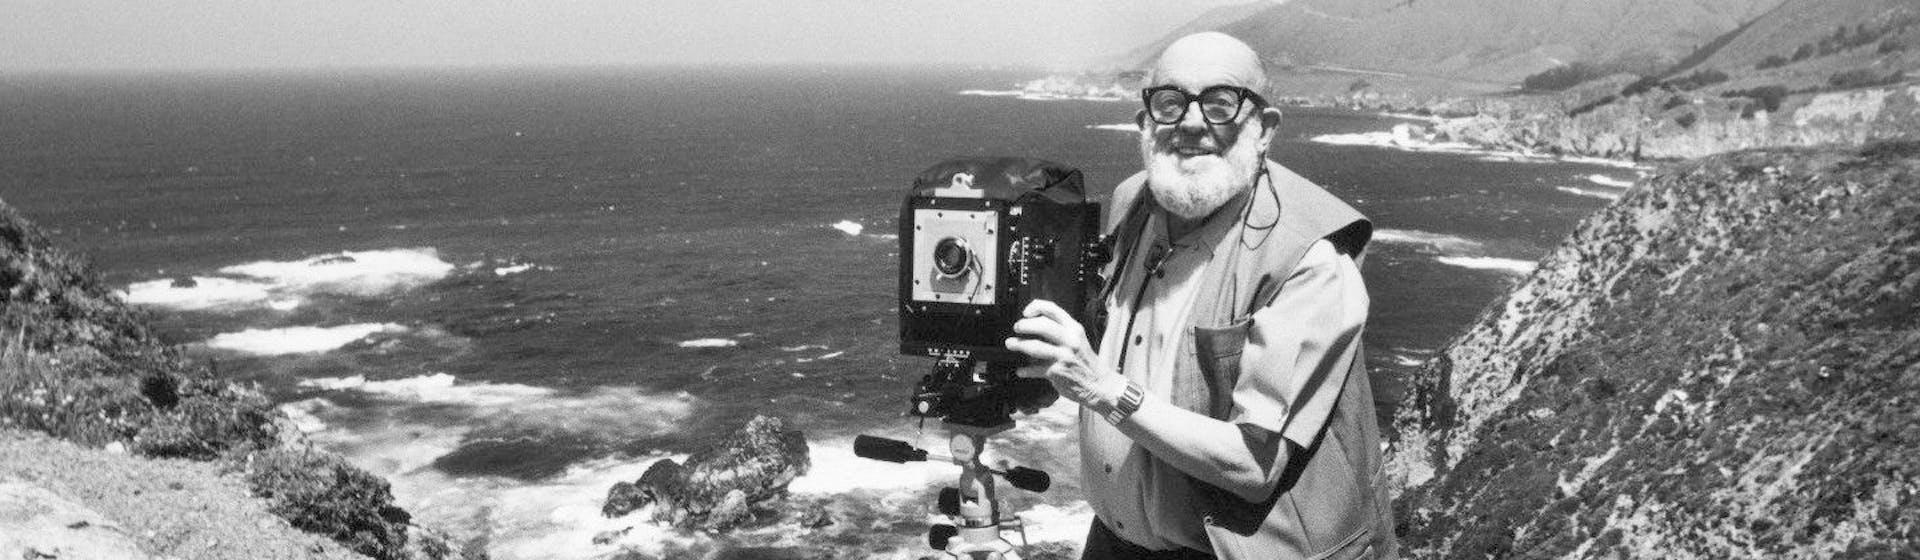 Sistema de Zonas de Ansel Adams: la técnica que transformó la fotografía